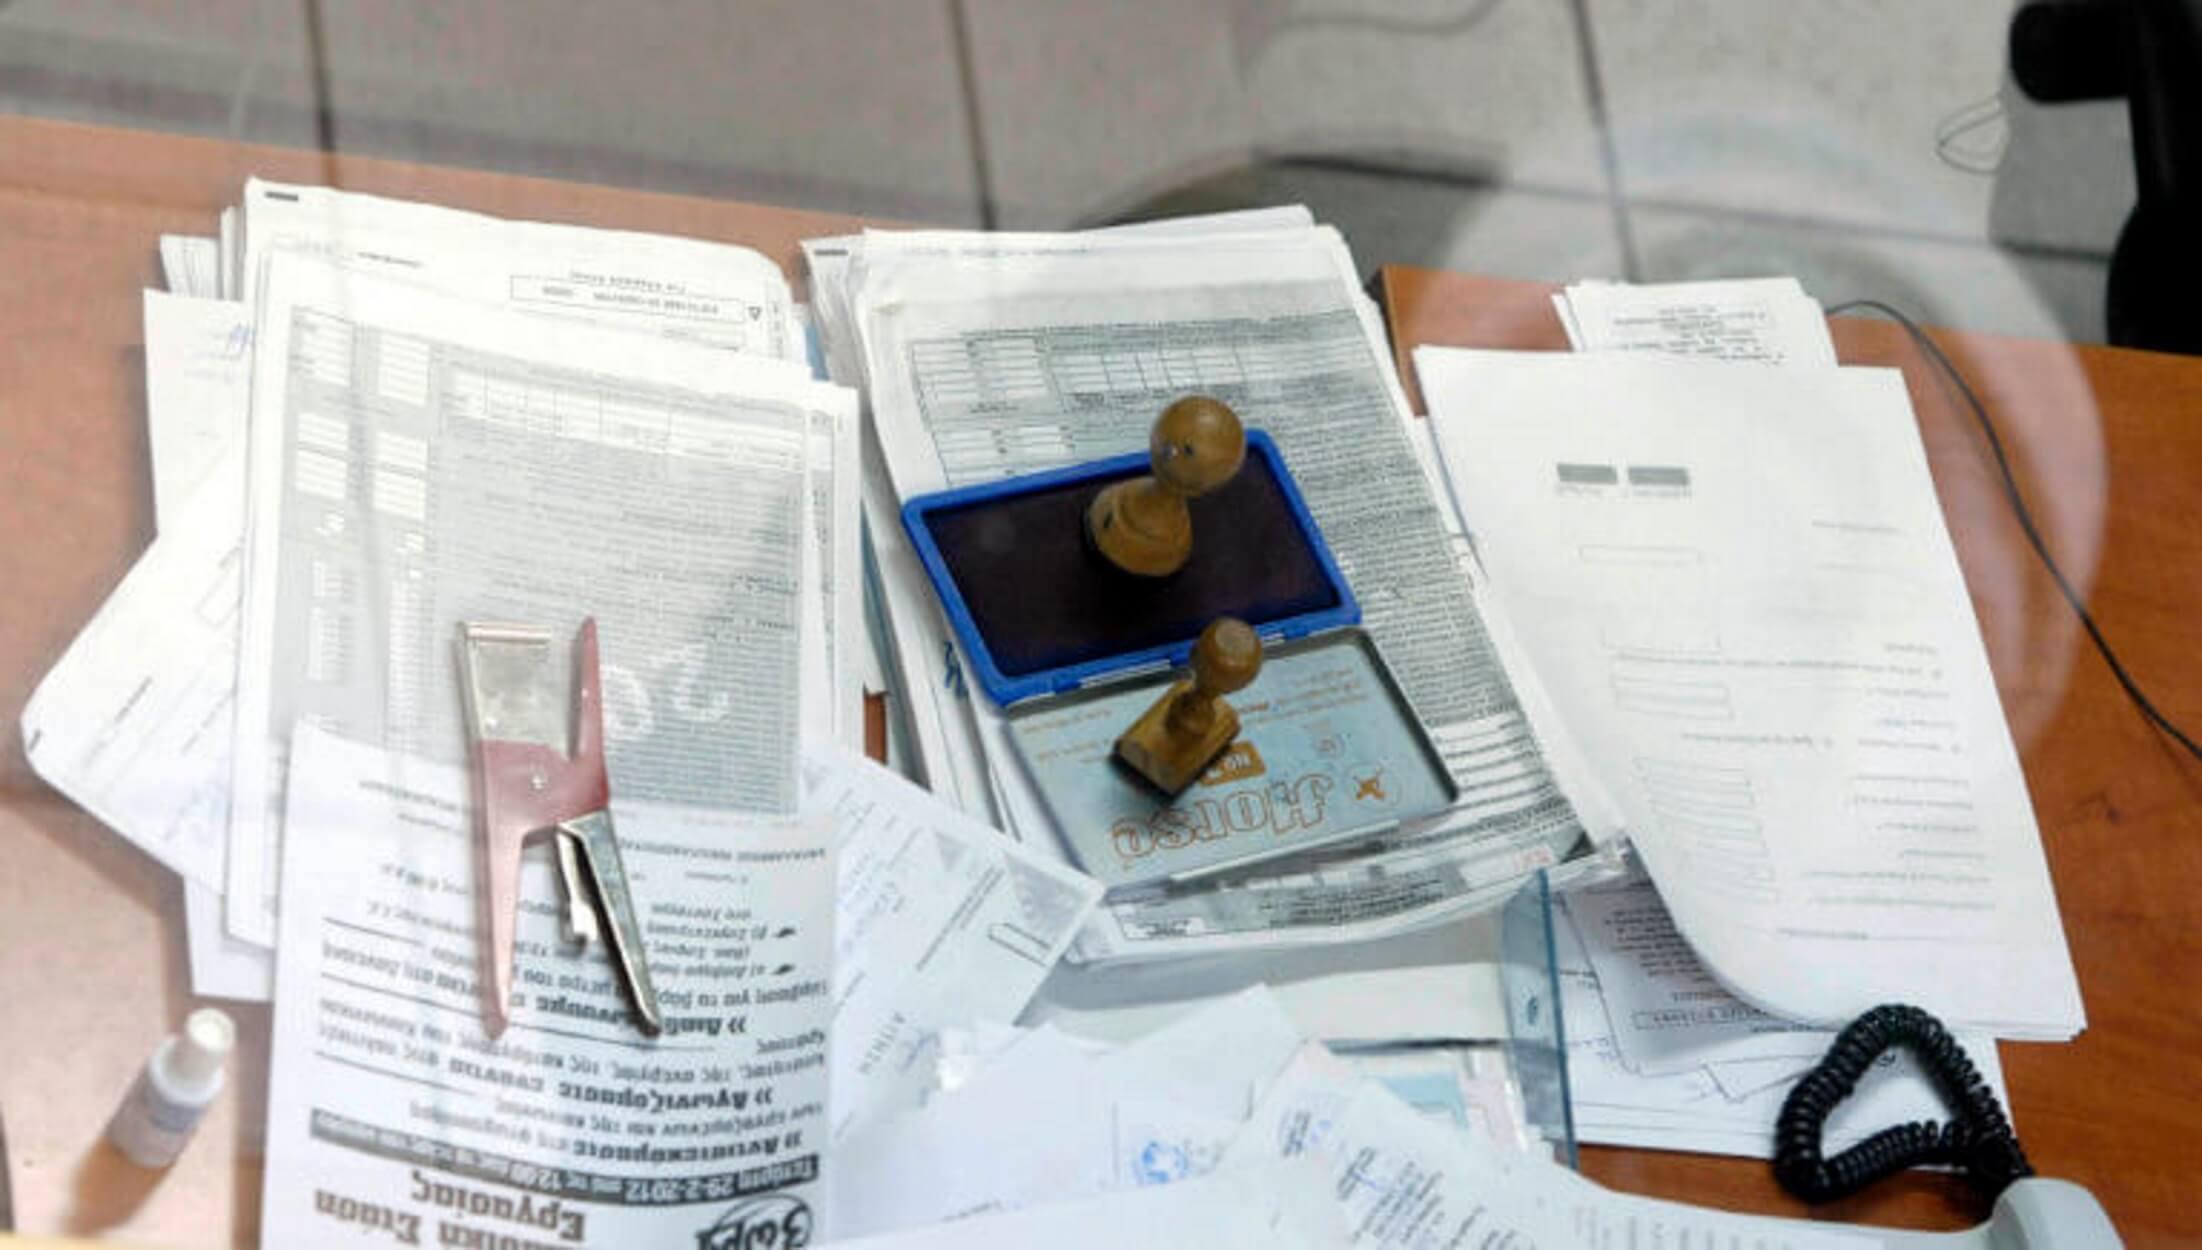 Φορολογικές δηλώσεις: Τι να προσέξετε στα στοιχεία για τα προστατευόμενα μέλη